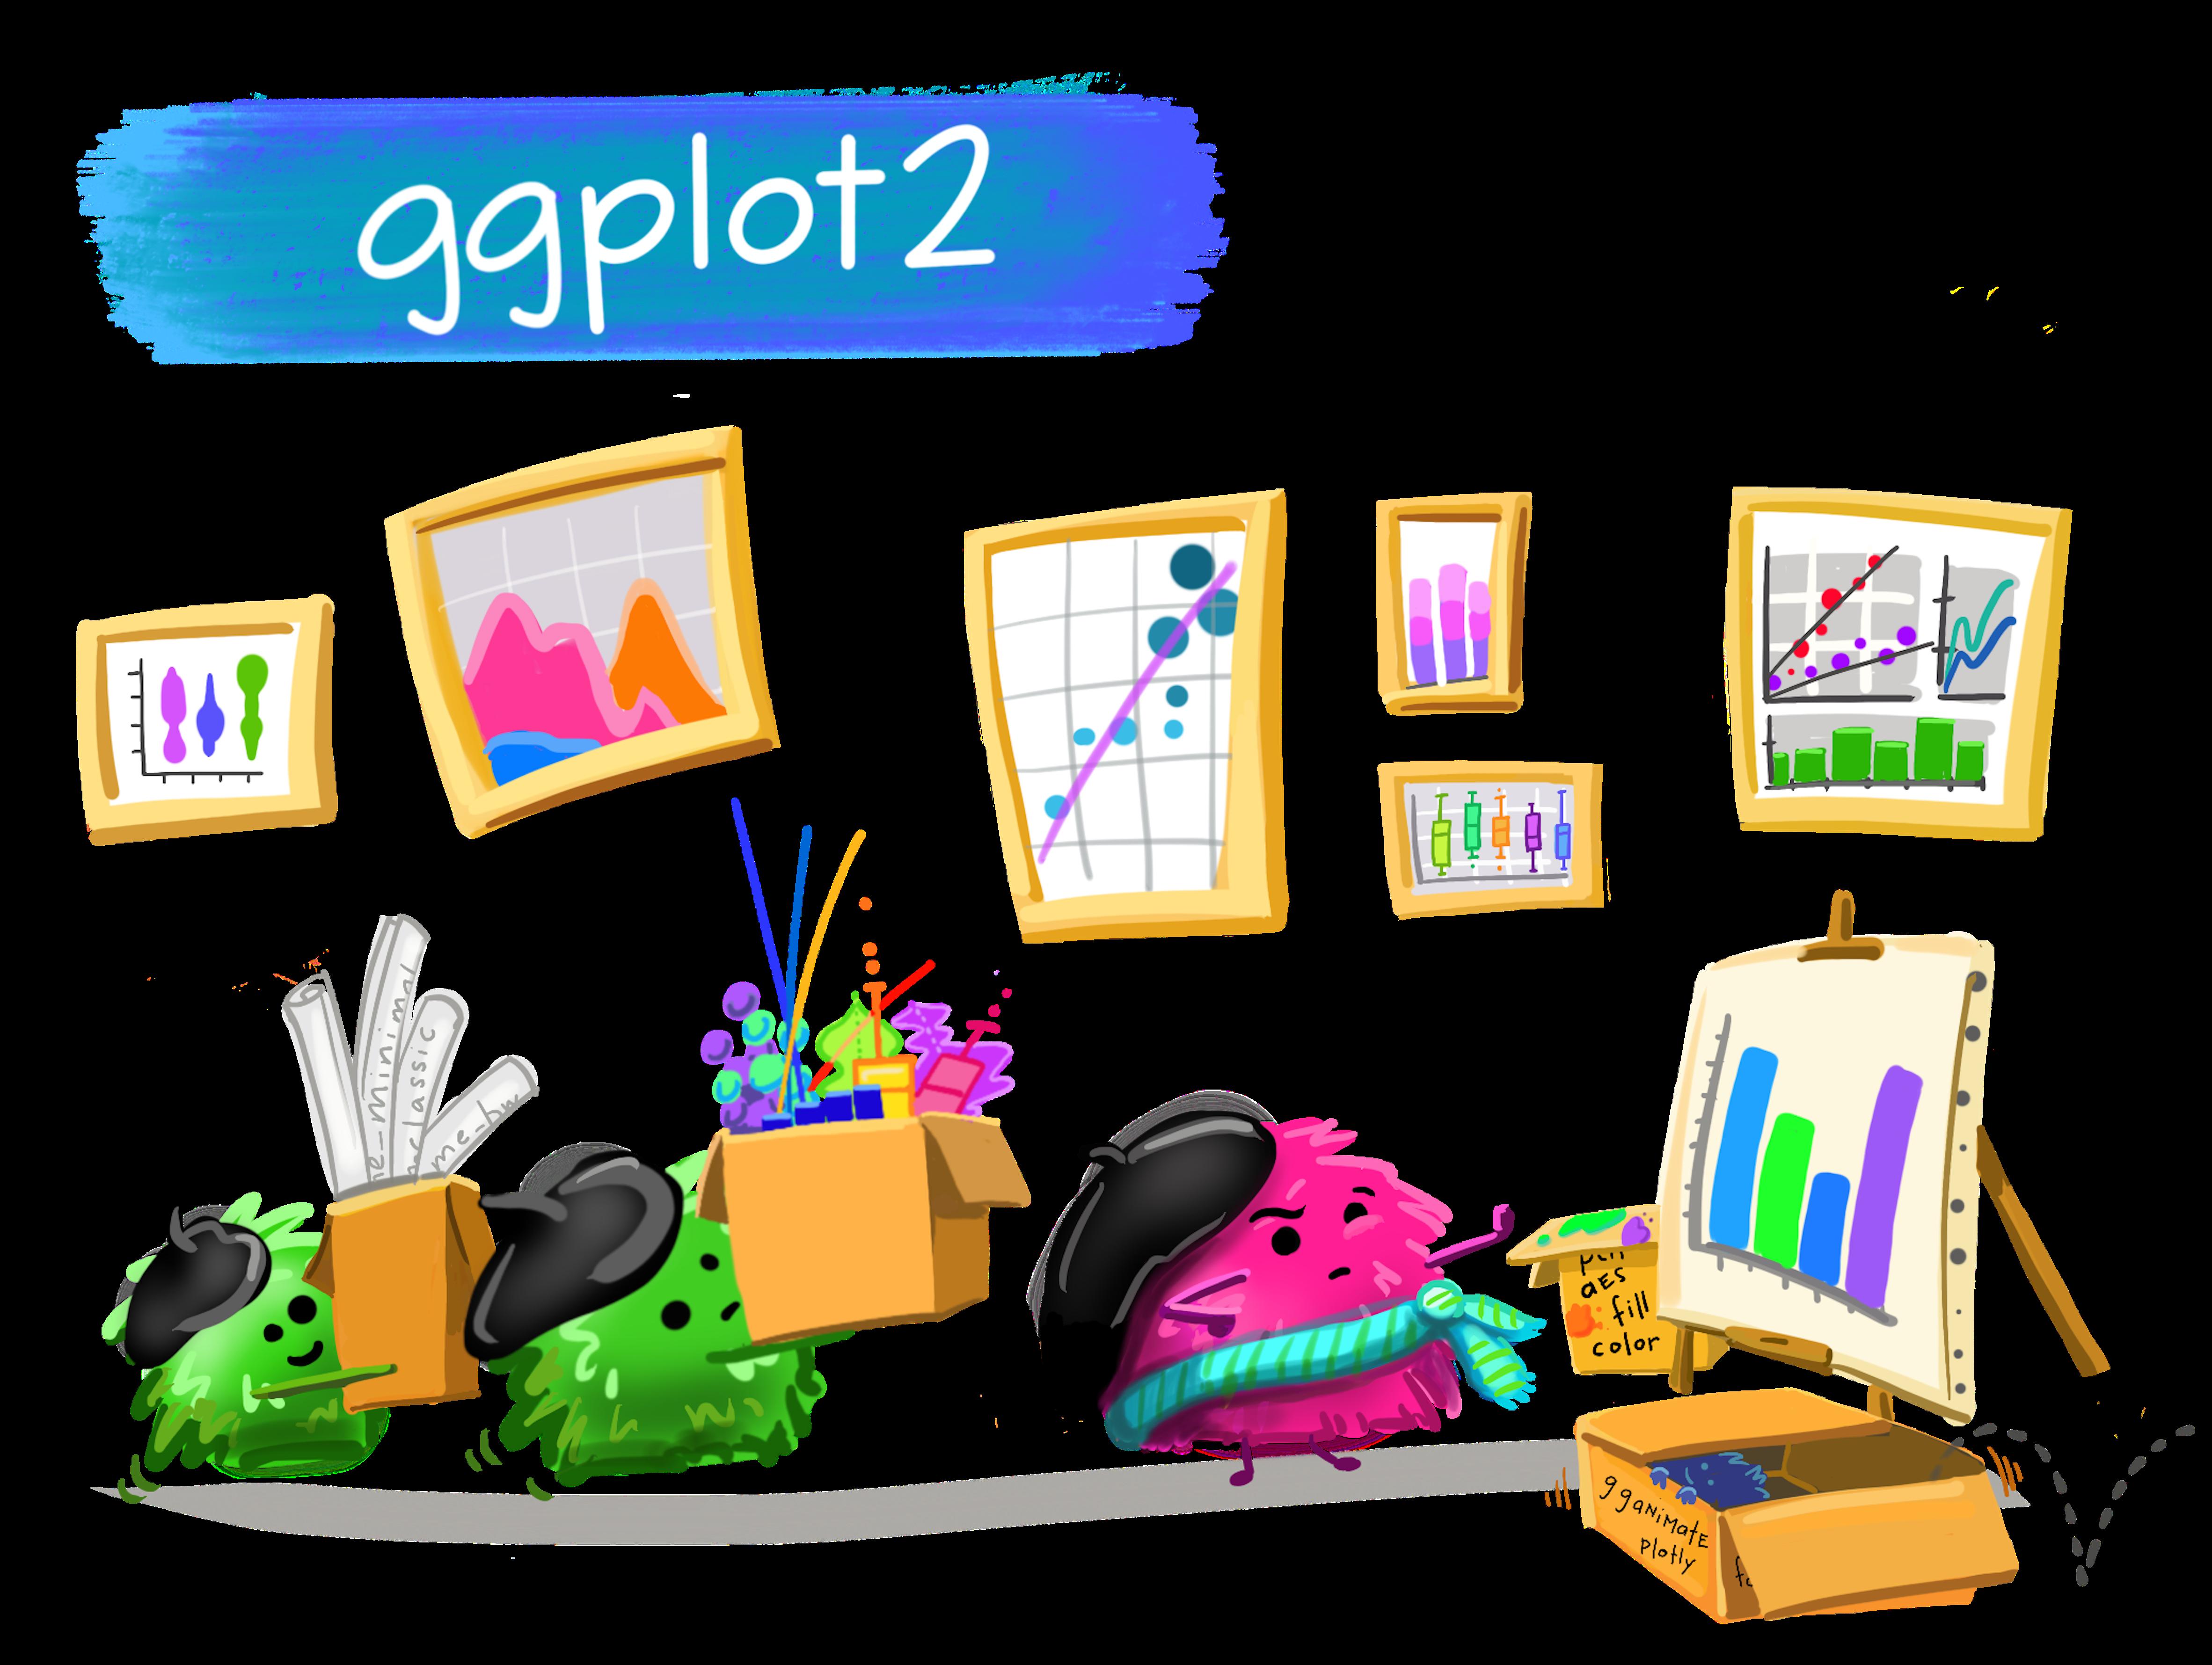 Ilustração sobre o pacote ggplot2, criada por <a href='https://github.com/allisonhorst/stats-illustrations'>Allison Horst</a>.